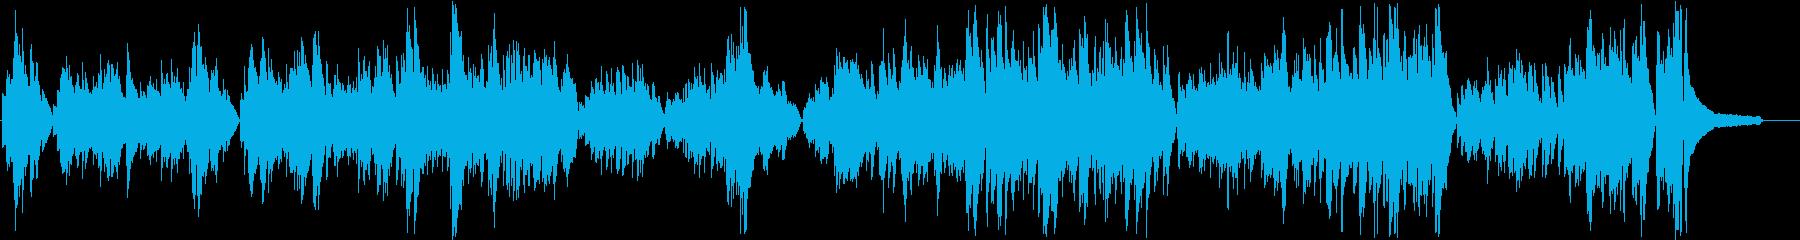 暗いイメージのピアノソロの再生済みの波形